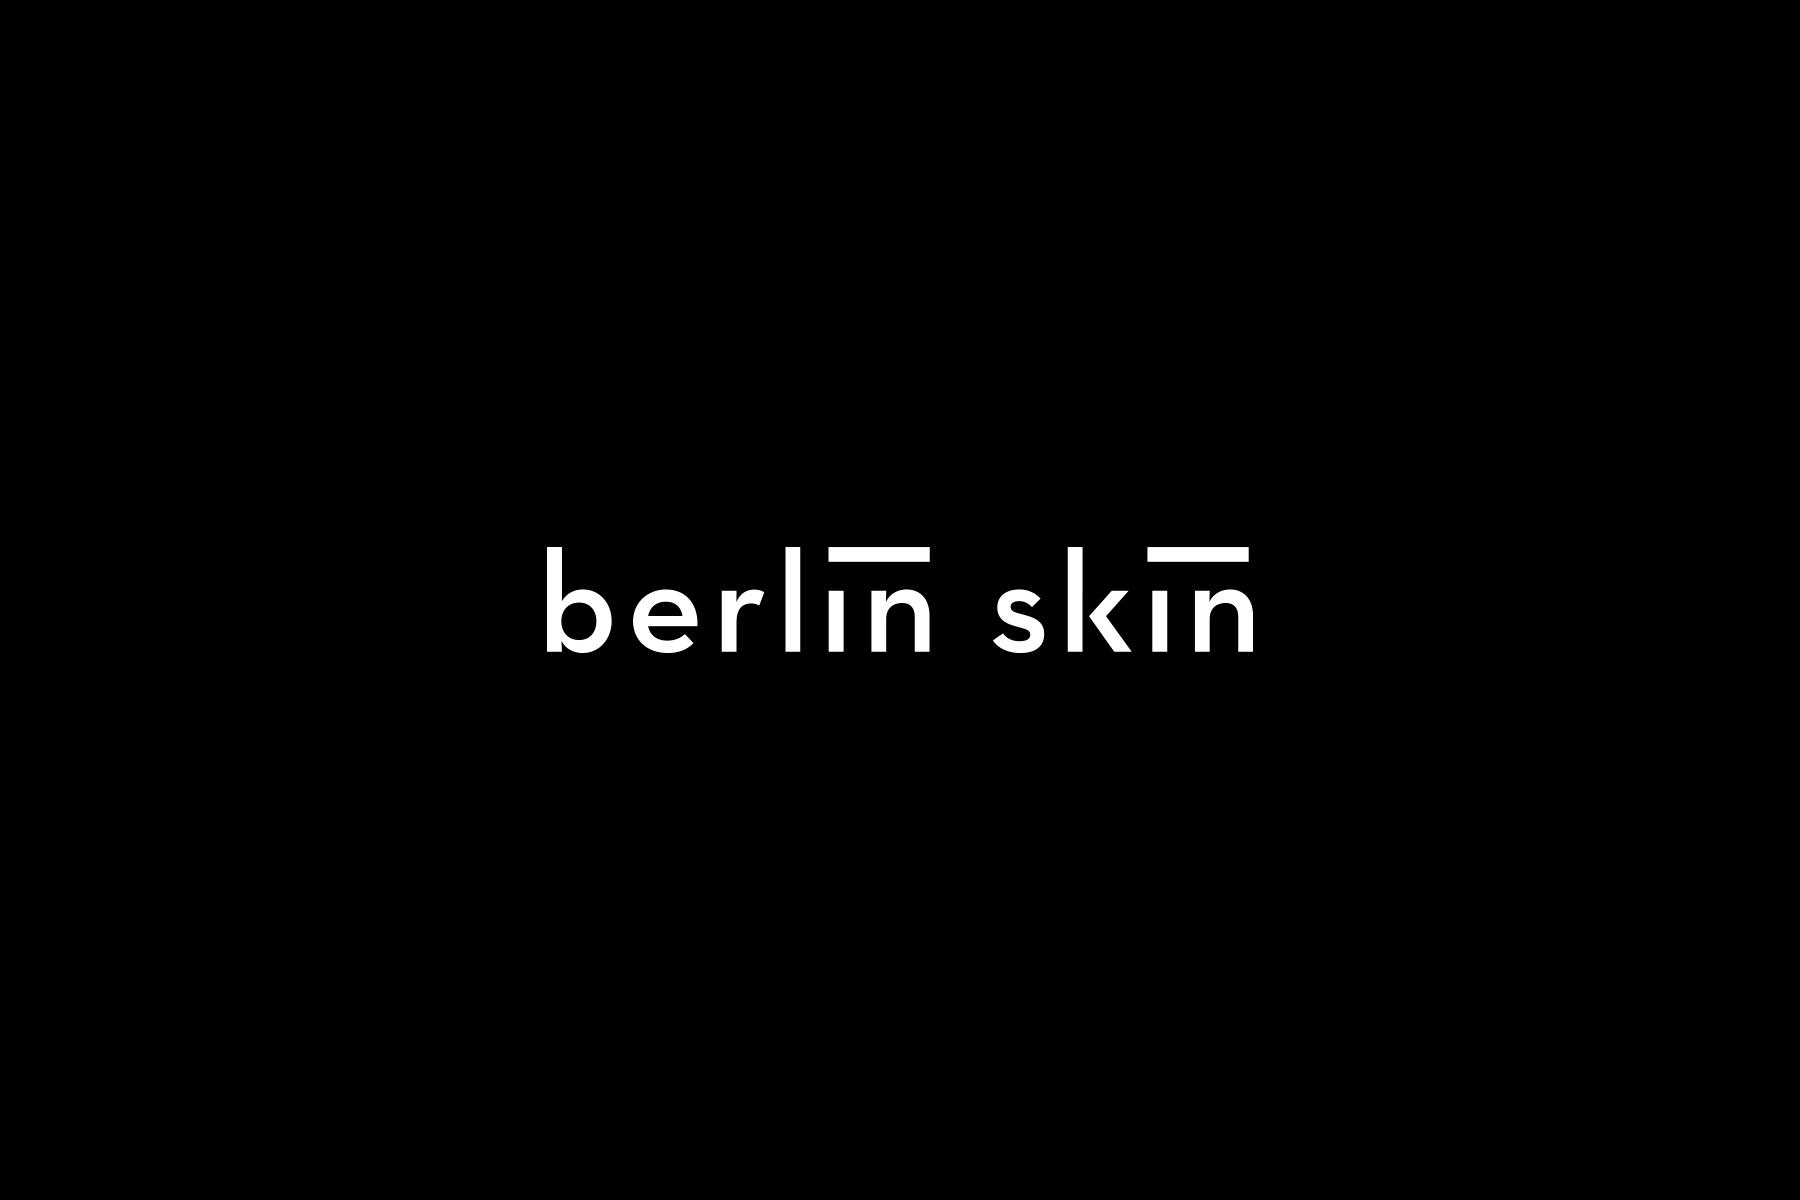 Berlin-Skin-logo-black.jpg